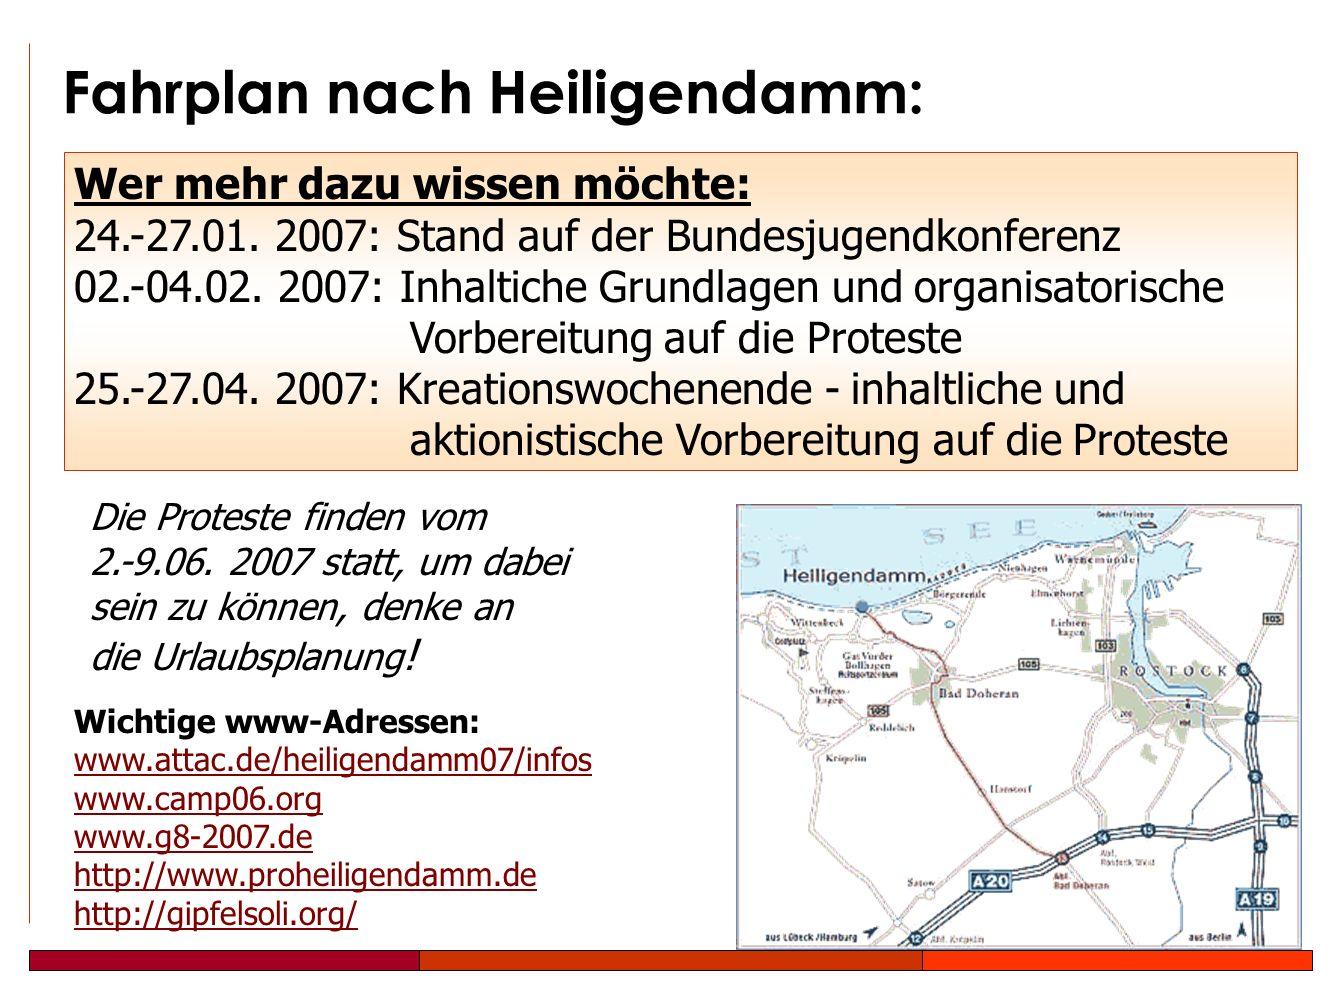 Fahrplan nach Heiligendamm: Wichtige www-Adressen: www.attac.de/heiligendamm07/infos www.camp06.org www.g8-2007.de http://www.proheiligendamm.de http://gipfelsoli.org/ Wer mehr dazu wissen möchte: 24.-27.01.